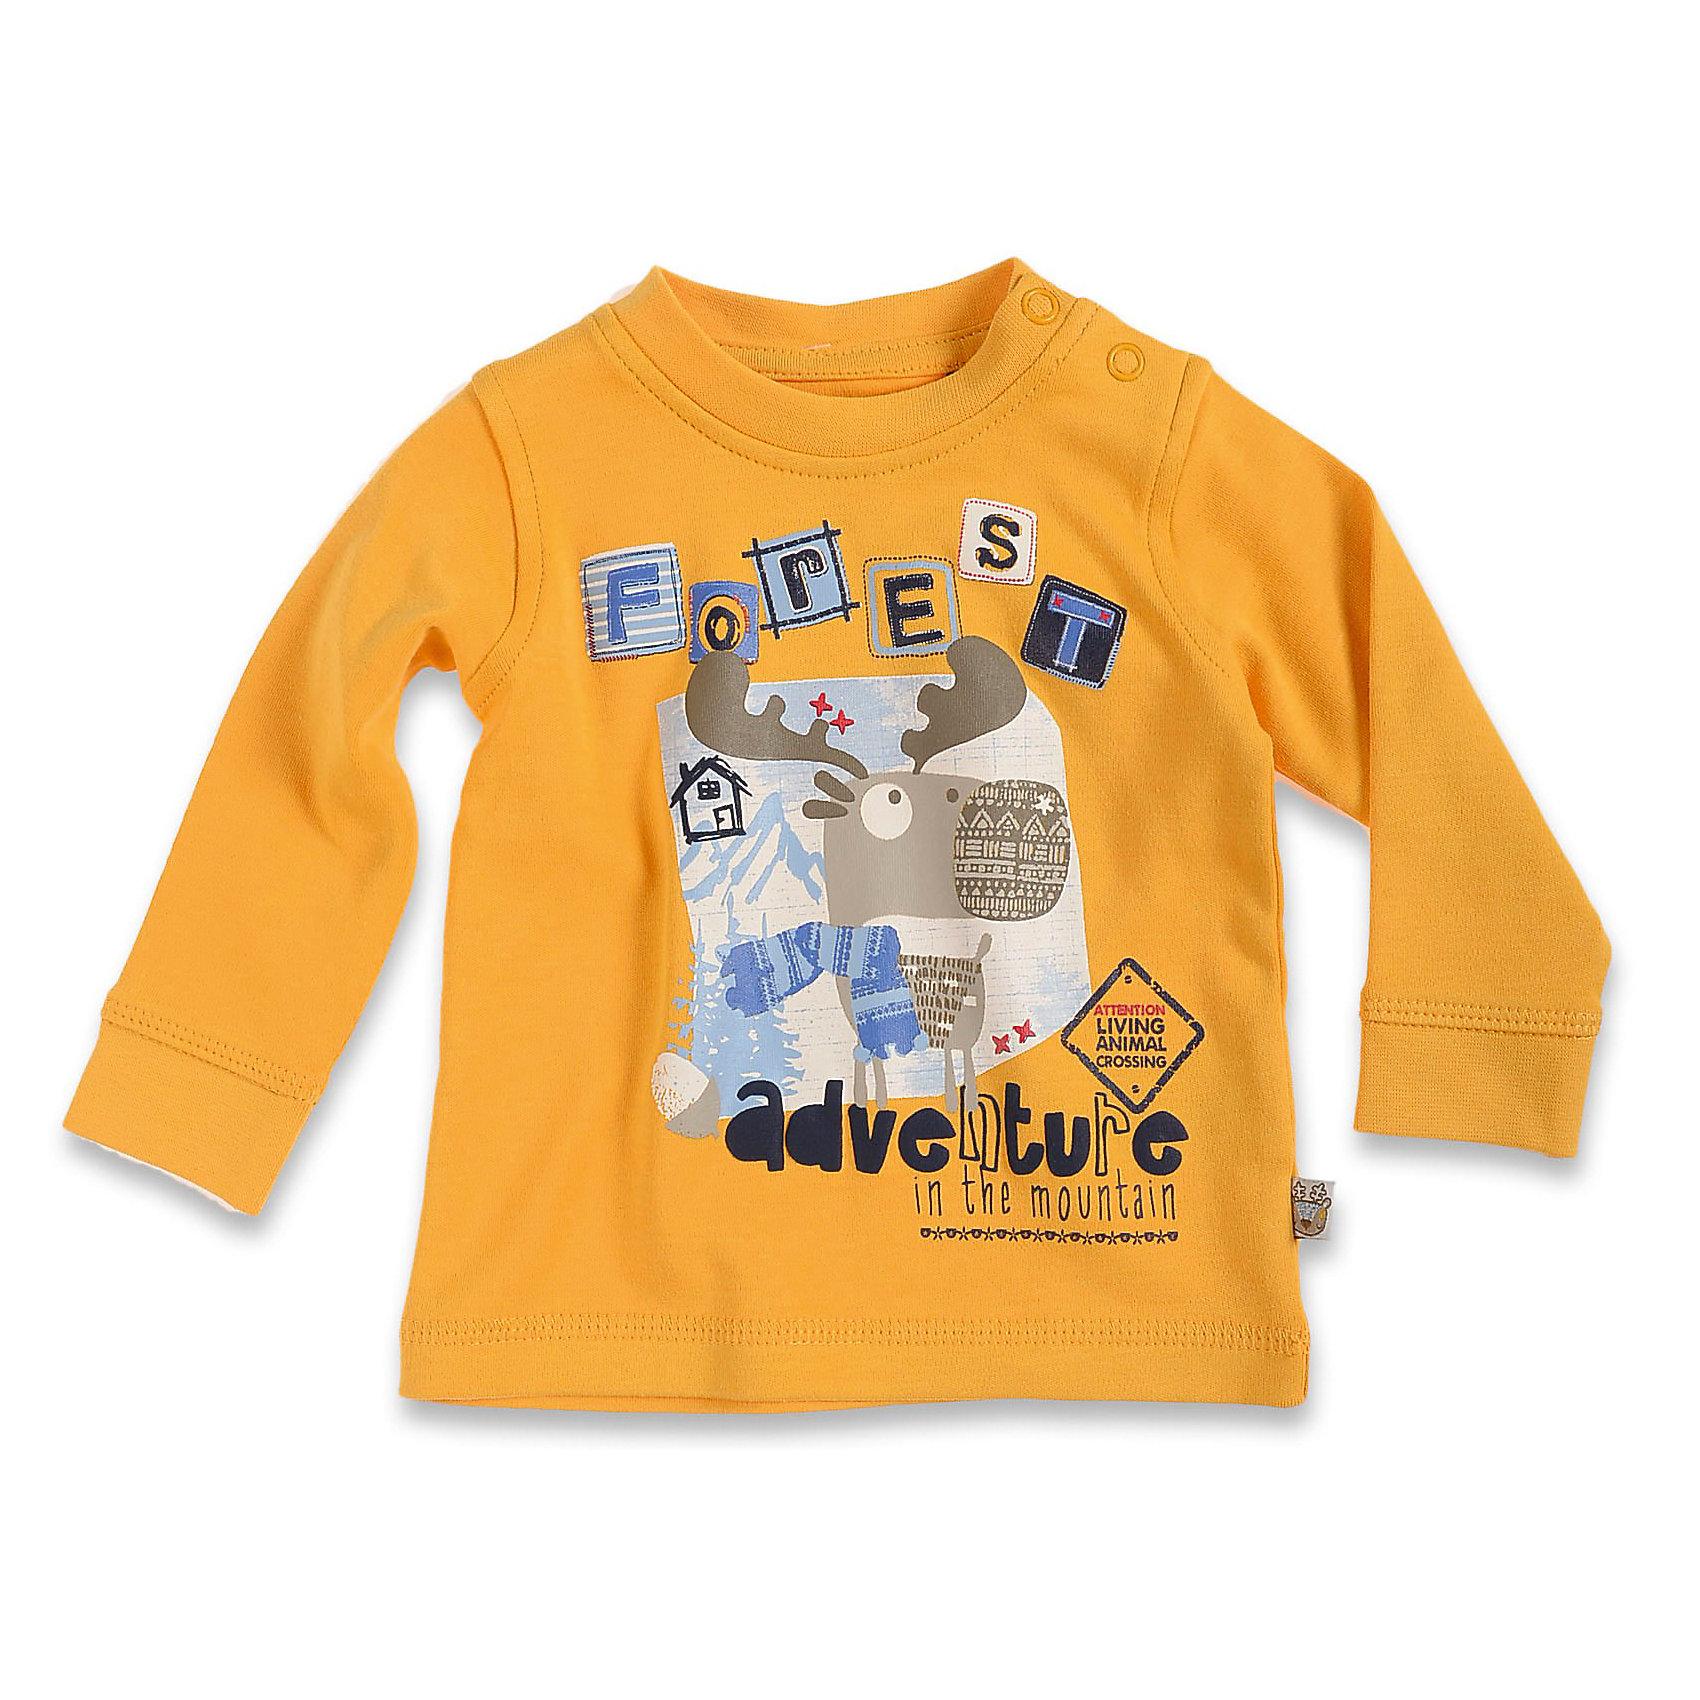 Футболка с длинным рукавом для мальчика BLUE SEVENФутболка с длинным рукавом для мальчика Blue Seven. Состав: 100 % хлопок<br><br>Ширина мм: 157<br>Глубина мм: 13<br>Высота мм: 119<br>Вес г: 200<br>Цвет: желтый<br>Возраст от месяцев: 0<br>Возраст до месяцев: 3<br>Пол: Мужской<br>Возраст: Детский<br>Размер: 56,62,68<br>SKU: 3819867